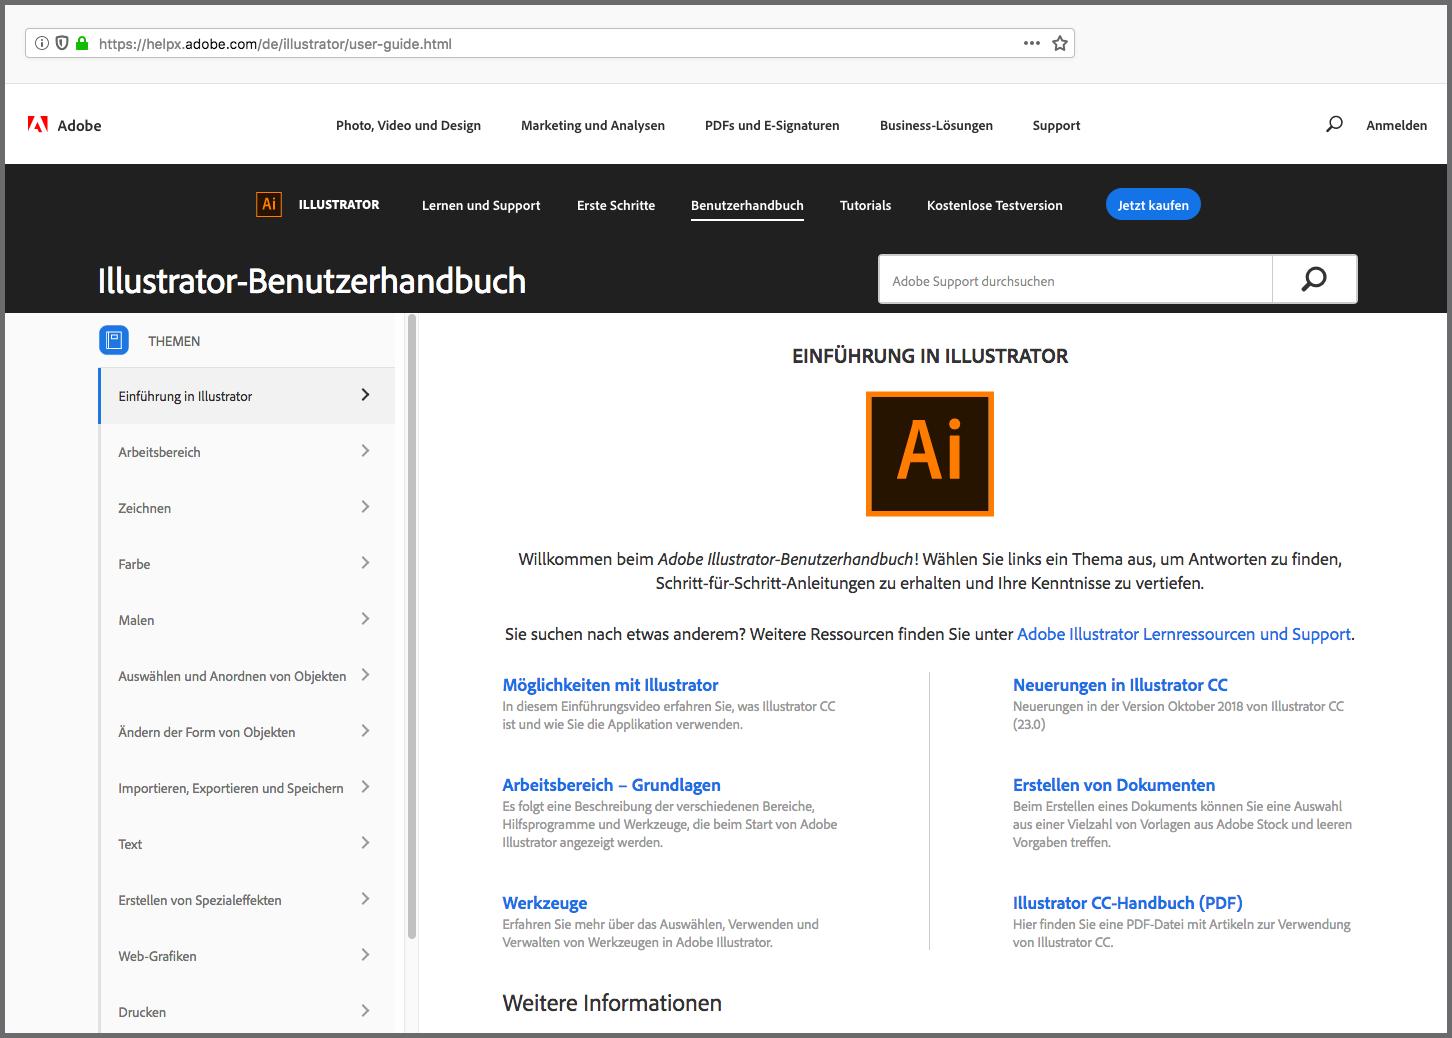 Online-Handbuch von Adobe